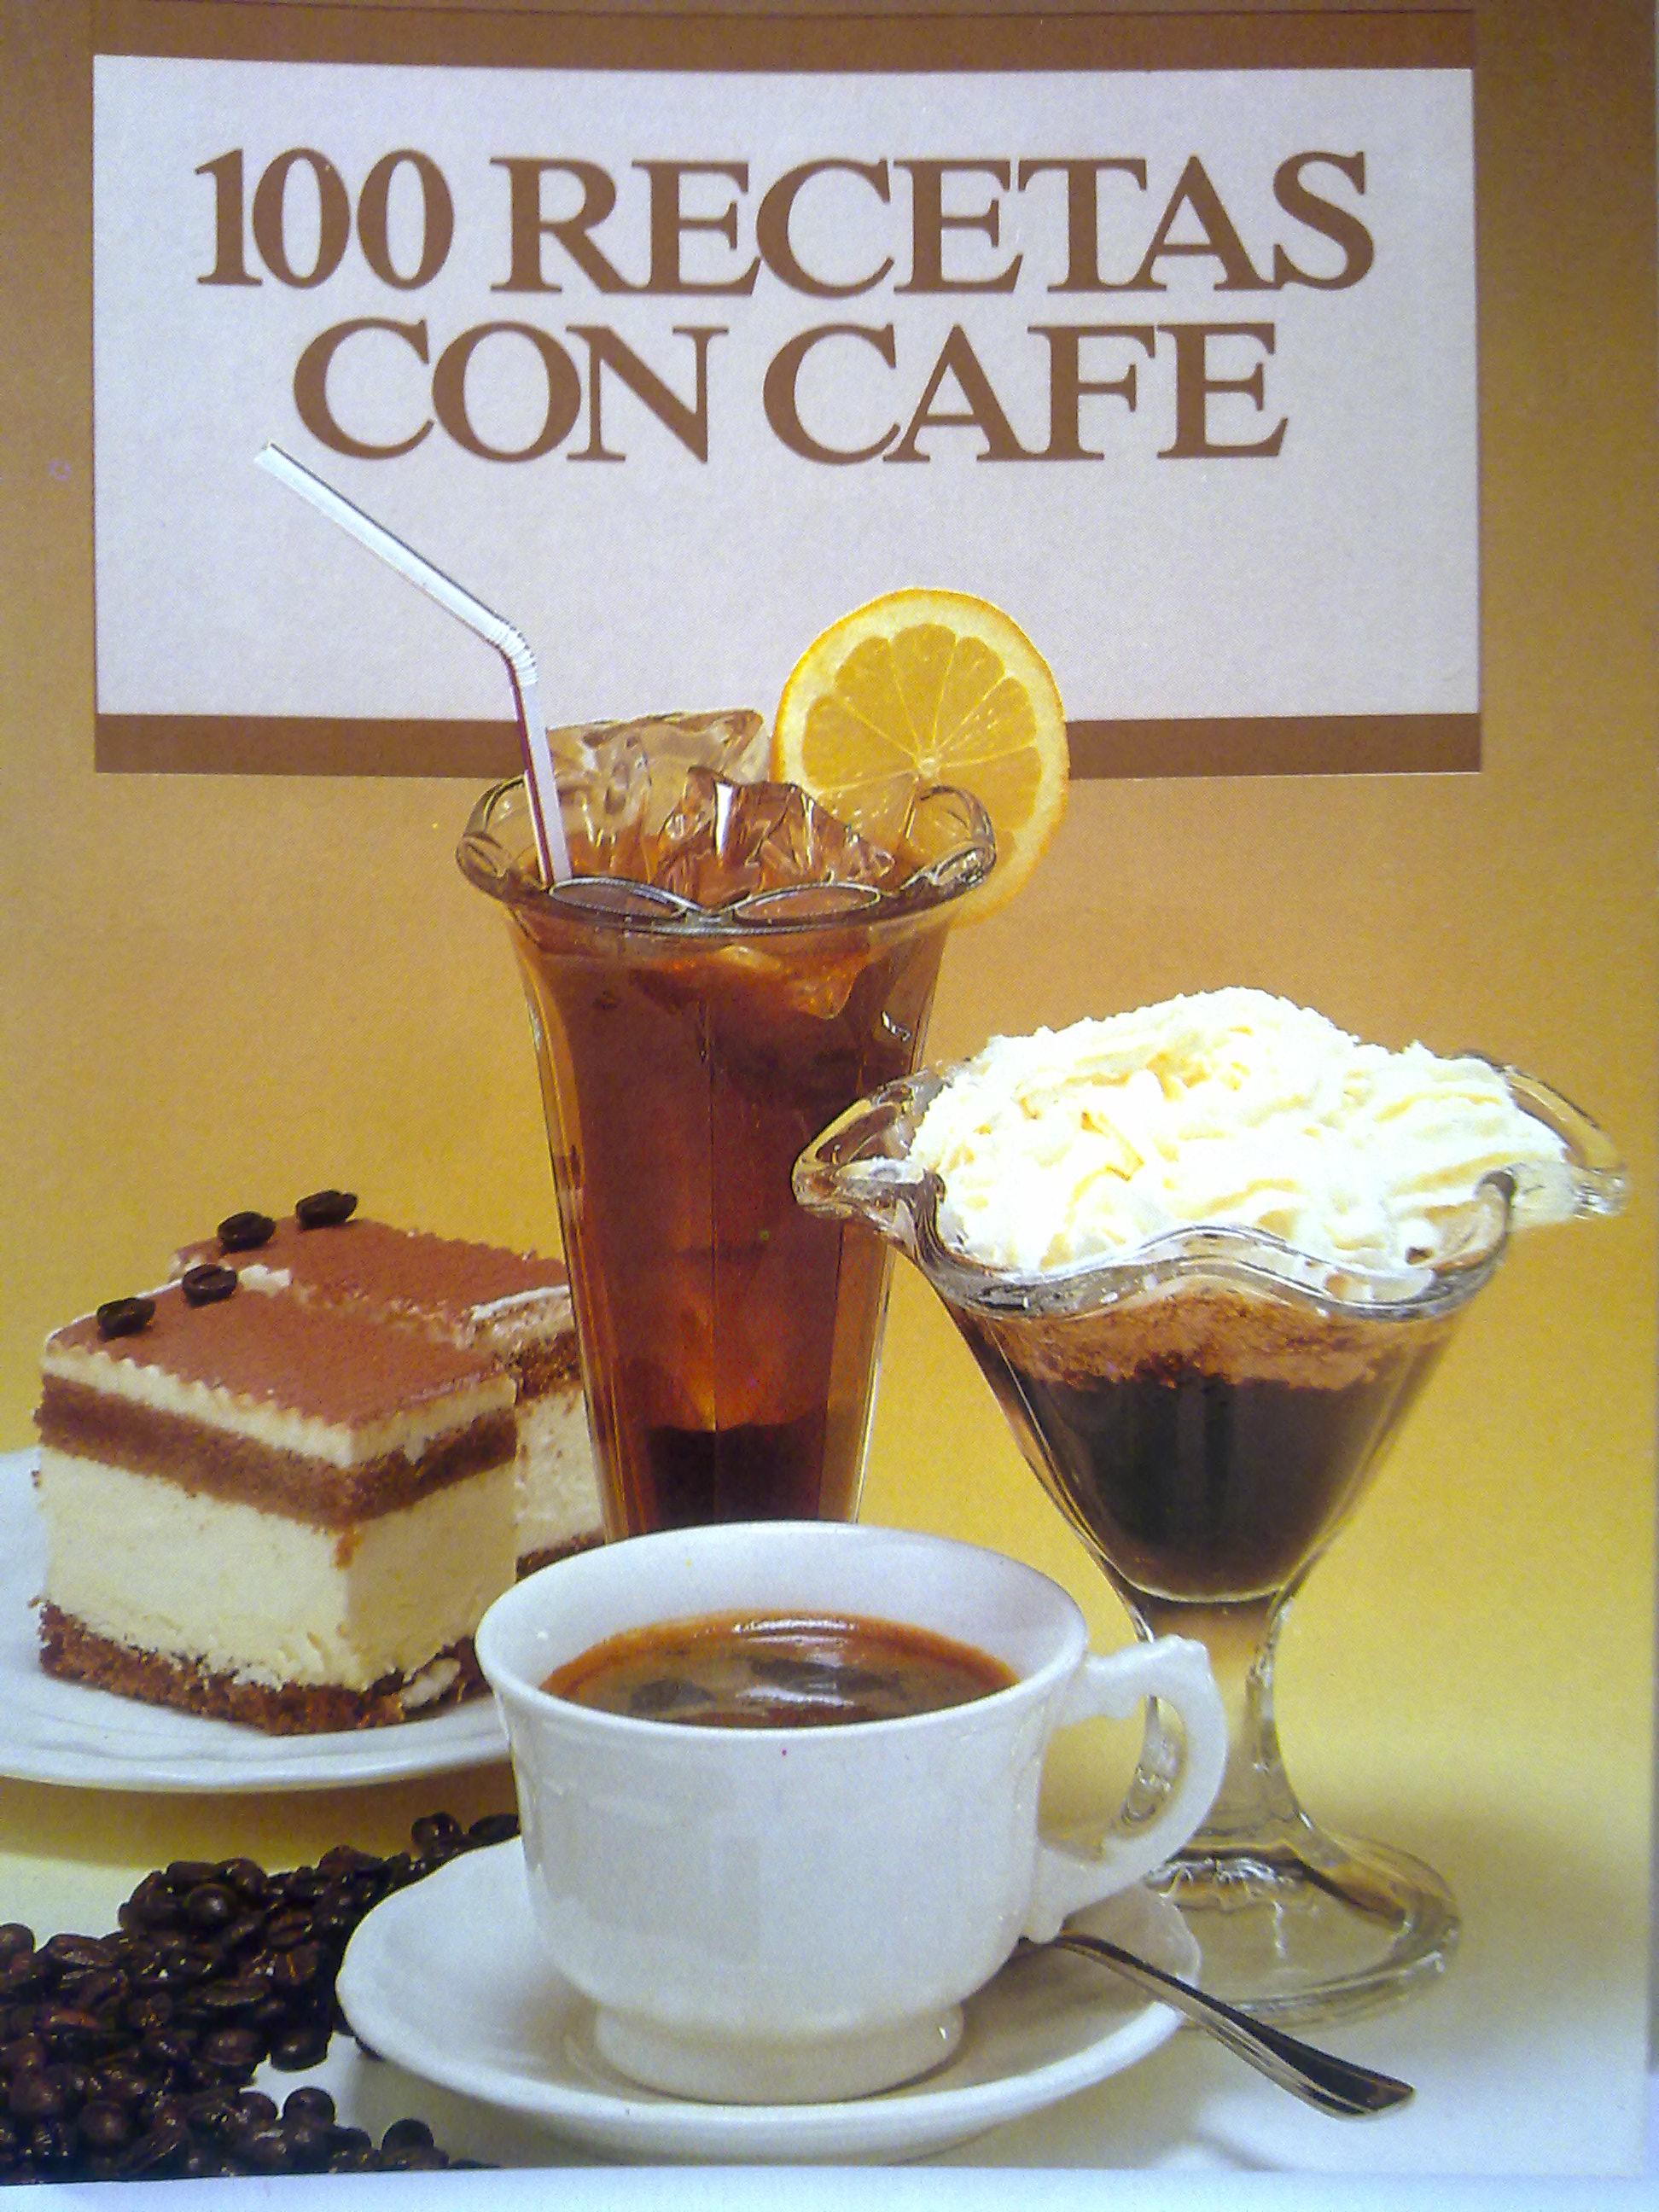 100 recetas de pasteles, helados y bebidas con café